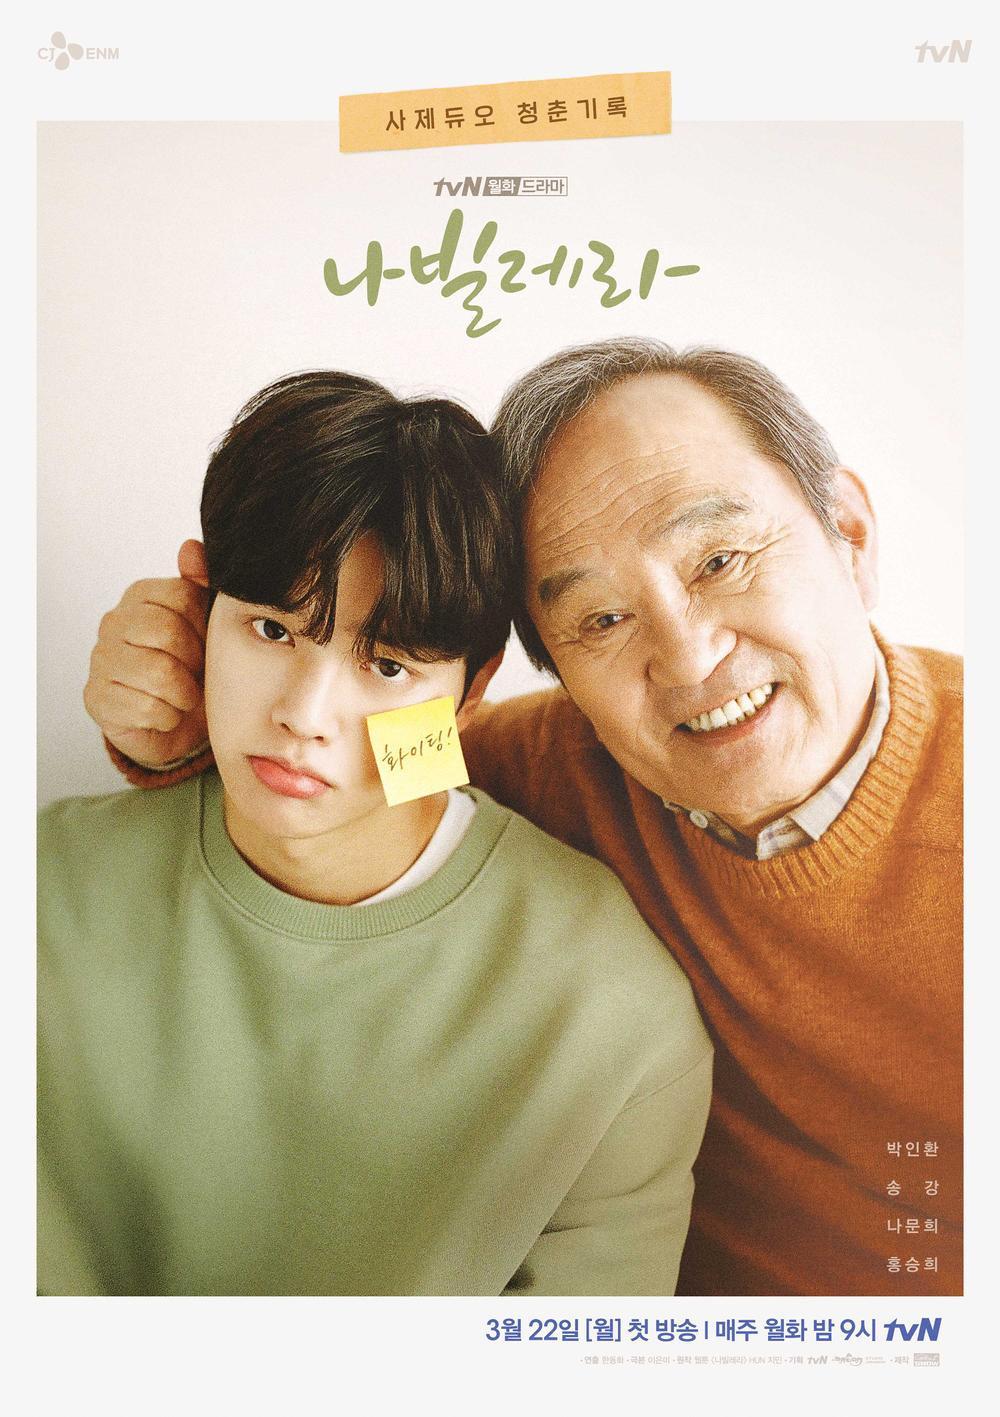 Phim truyền hình Hàn Quốc tháng 3: Đa dạng thể loại, từ lãng mạn, hài hước đến kinh dị Ảnh 11